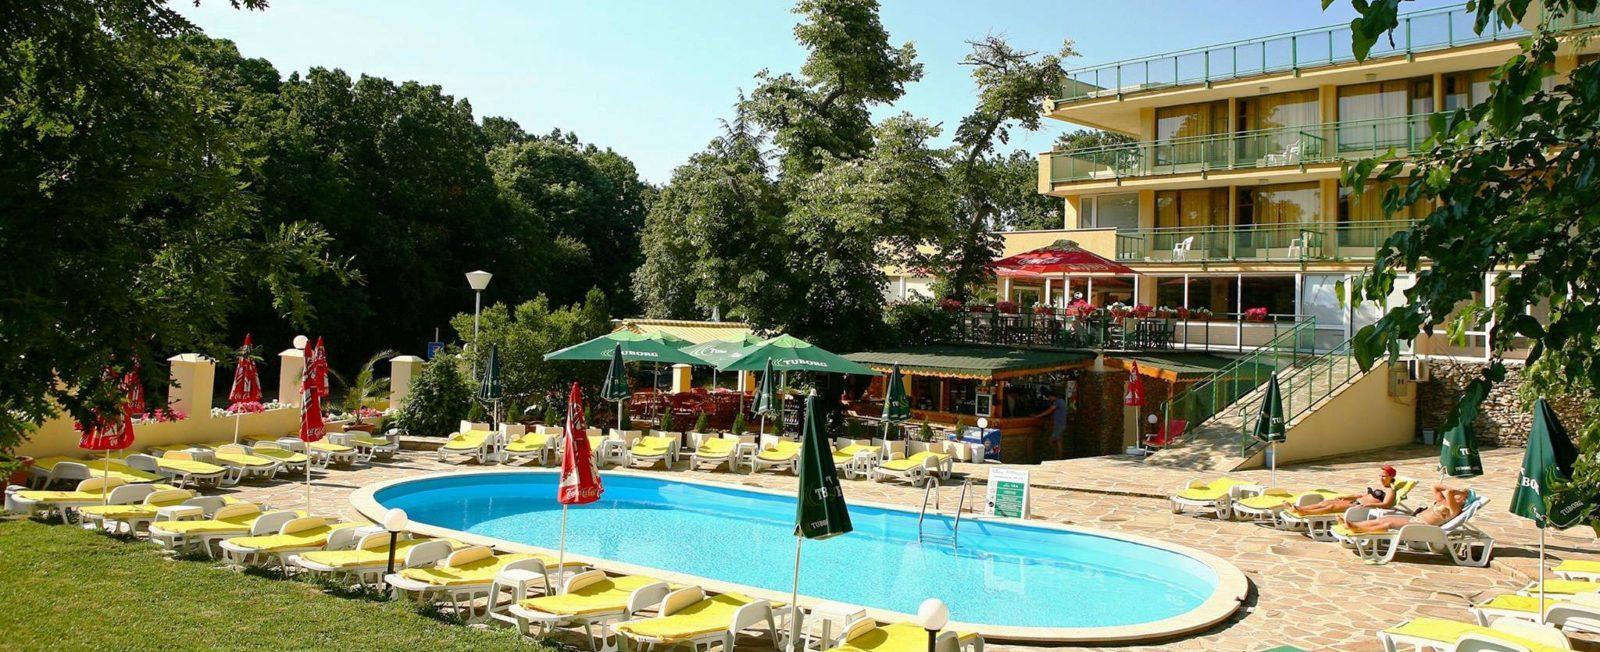 Вид на отель градина с бассейном